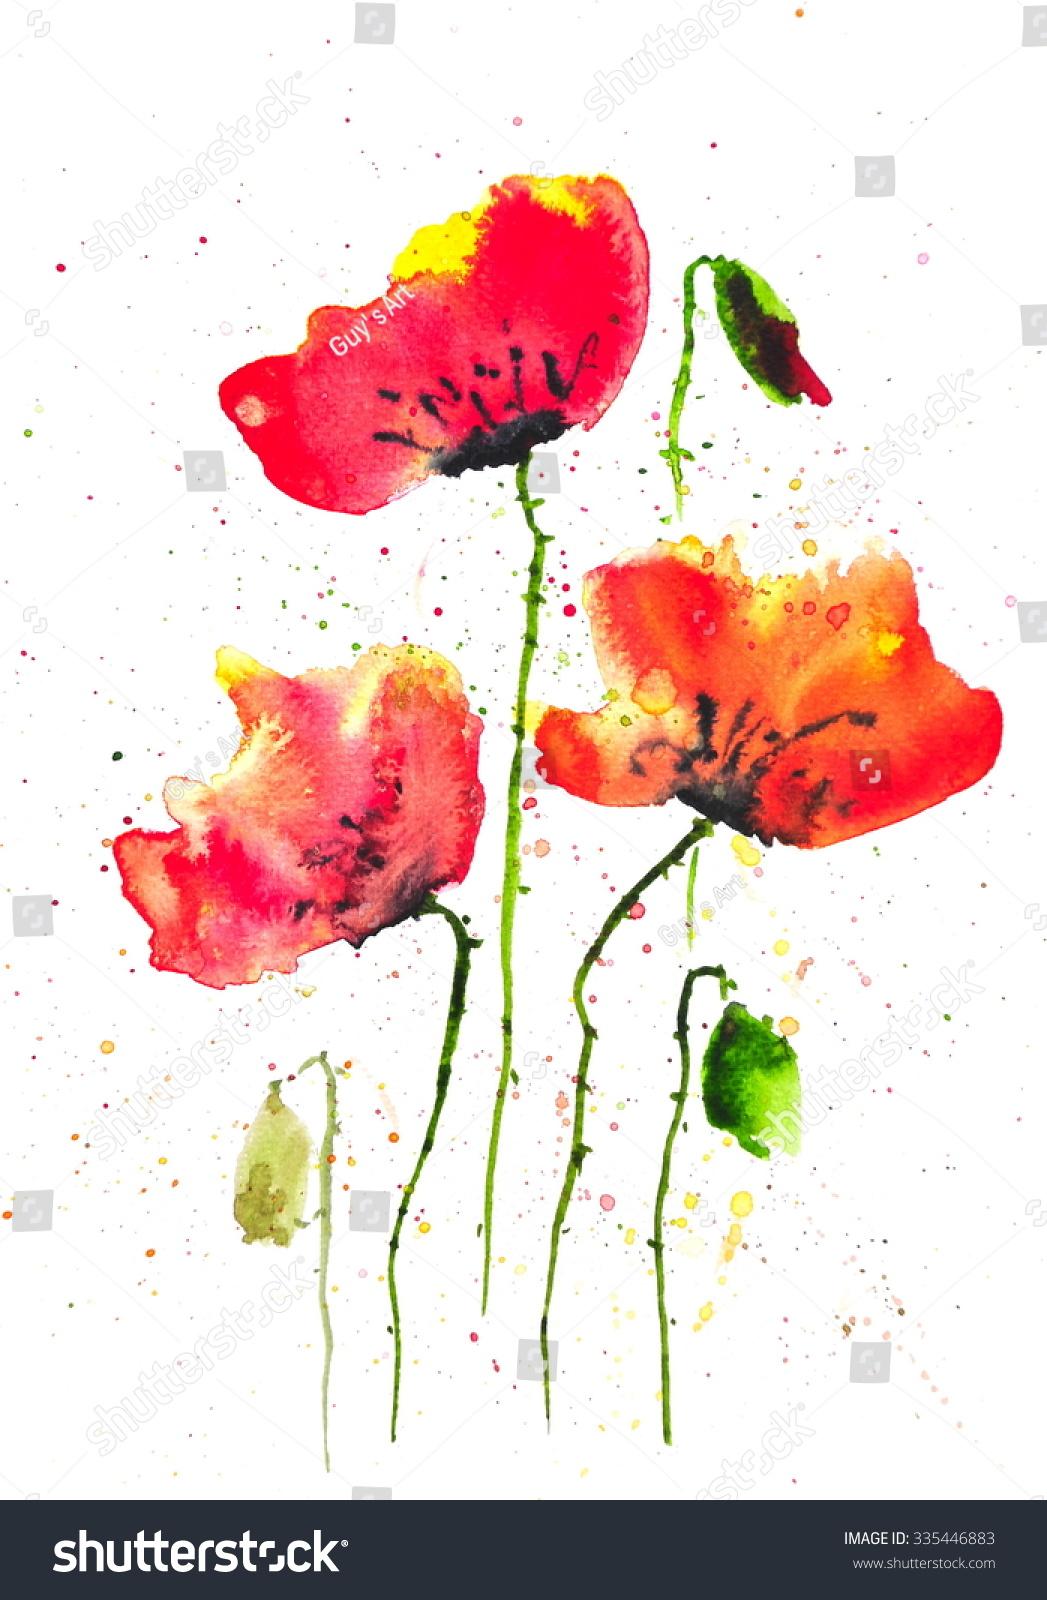 Modern Art Of Red Poppy Flowers Watercolor Illustrator On White